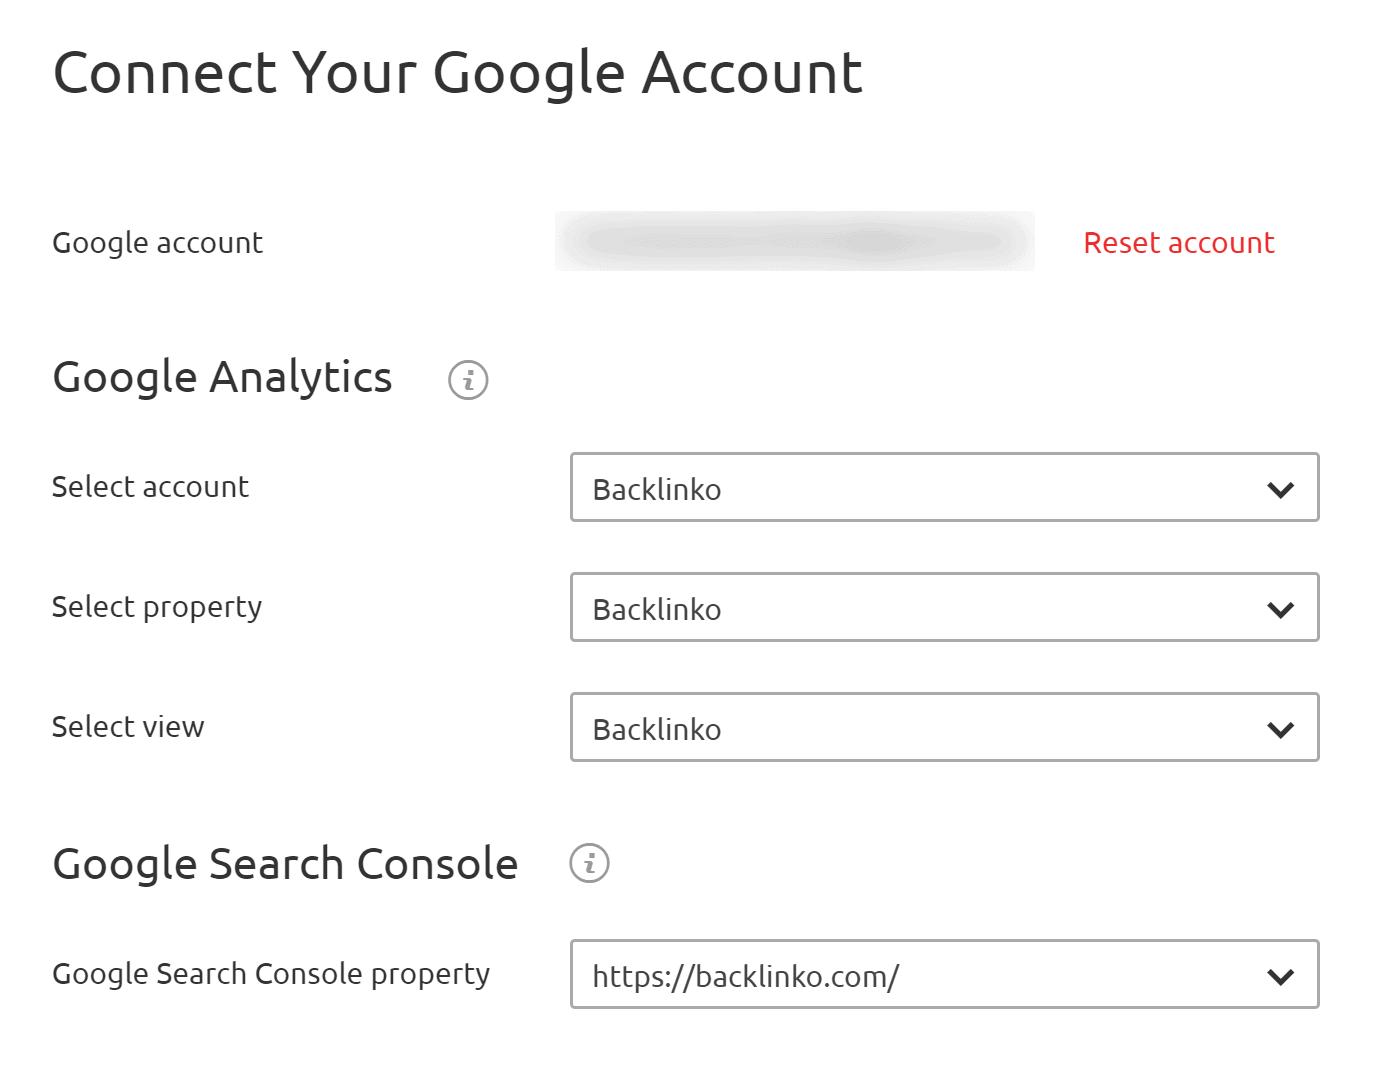 SEMRush - Approfondimenti sul traffico organico - Collega gli account Google Analytics e Google Search Console